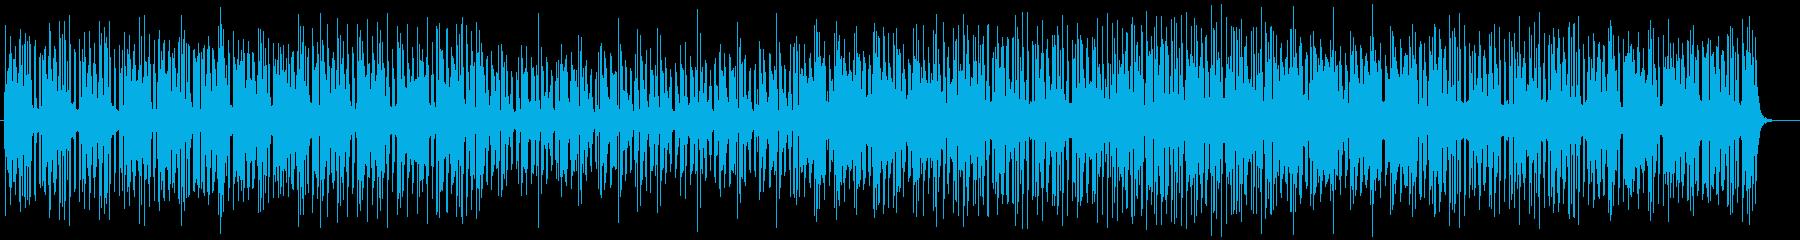 メロディーラインのしっかりしたポップの再生済みの波形